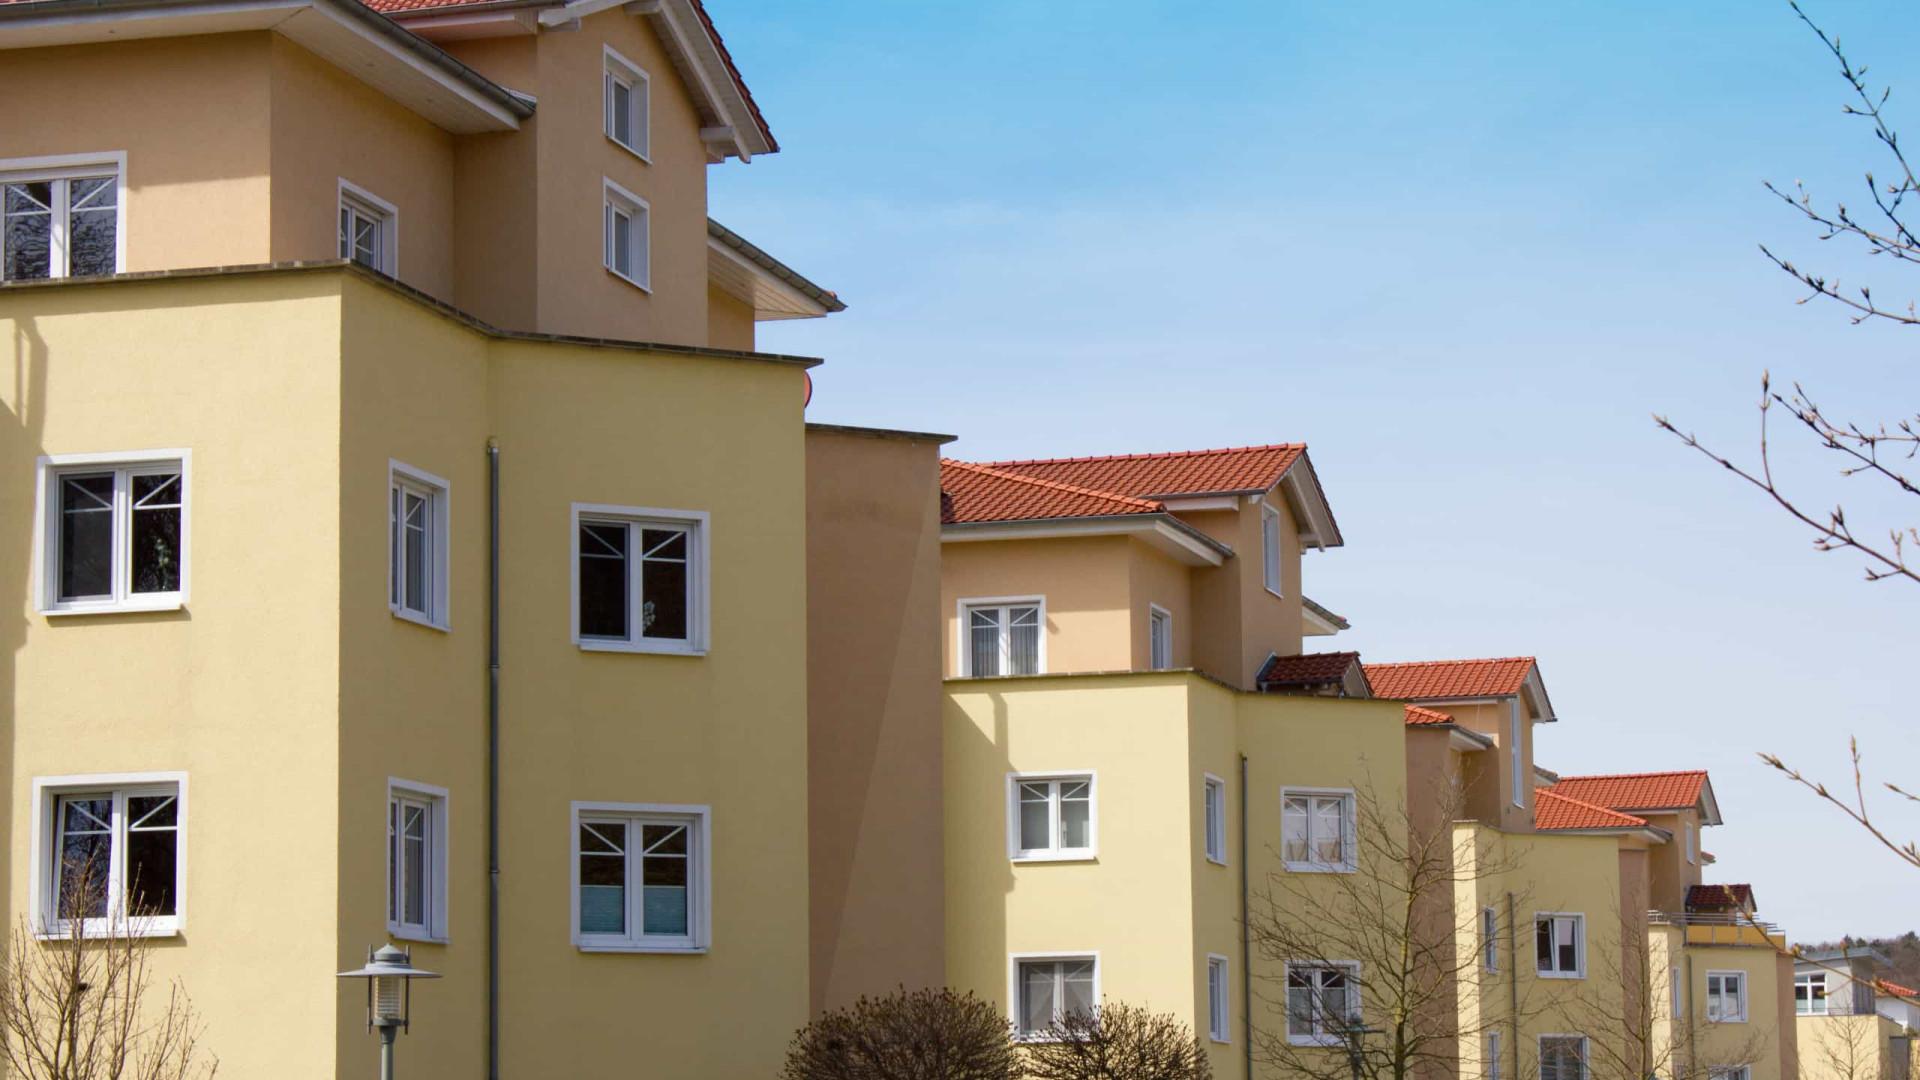 Financiamentos imobiliários somam R$ 12,9 bilhões em setembro e batem recorde